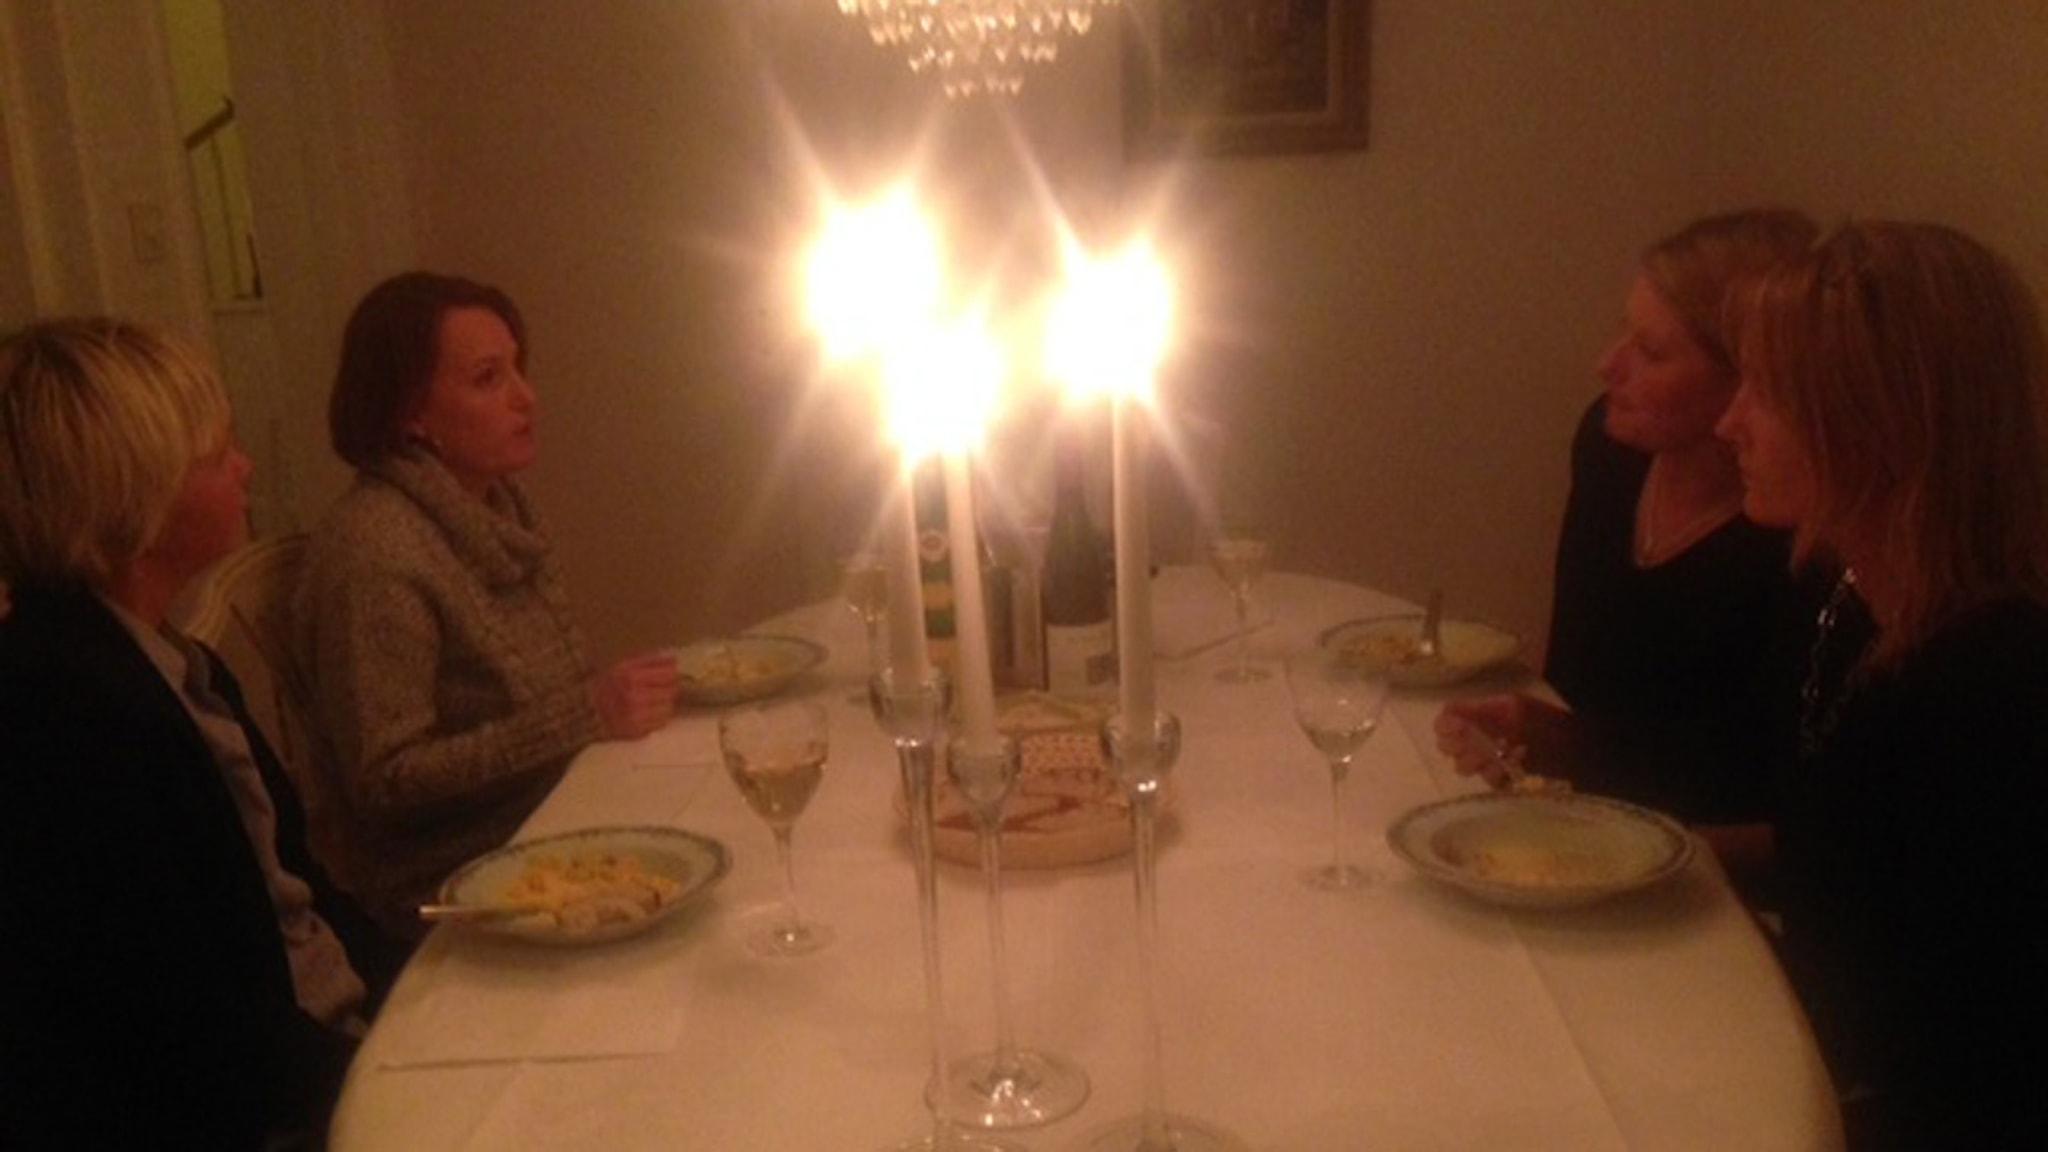 Pratar du politik när du är bjuden på middag? Foto: privat